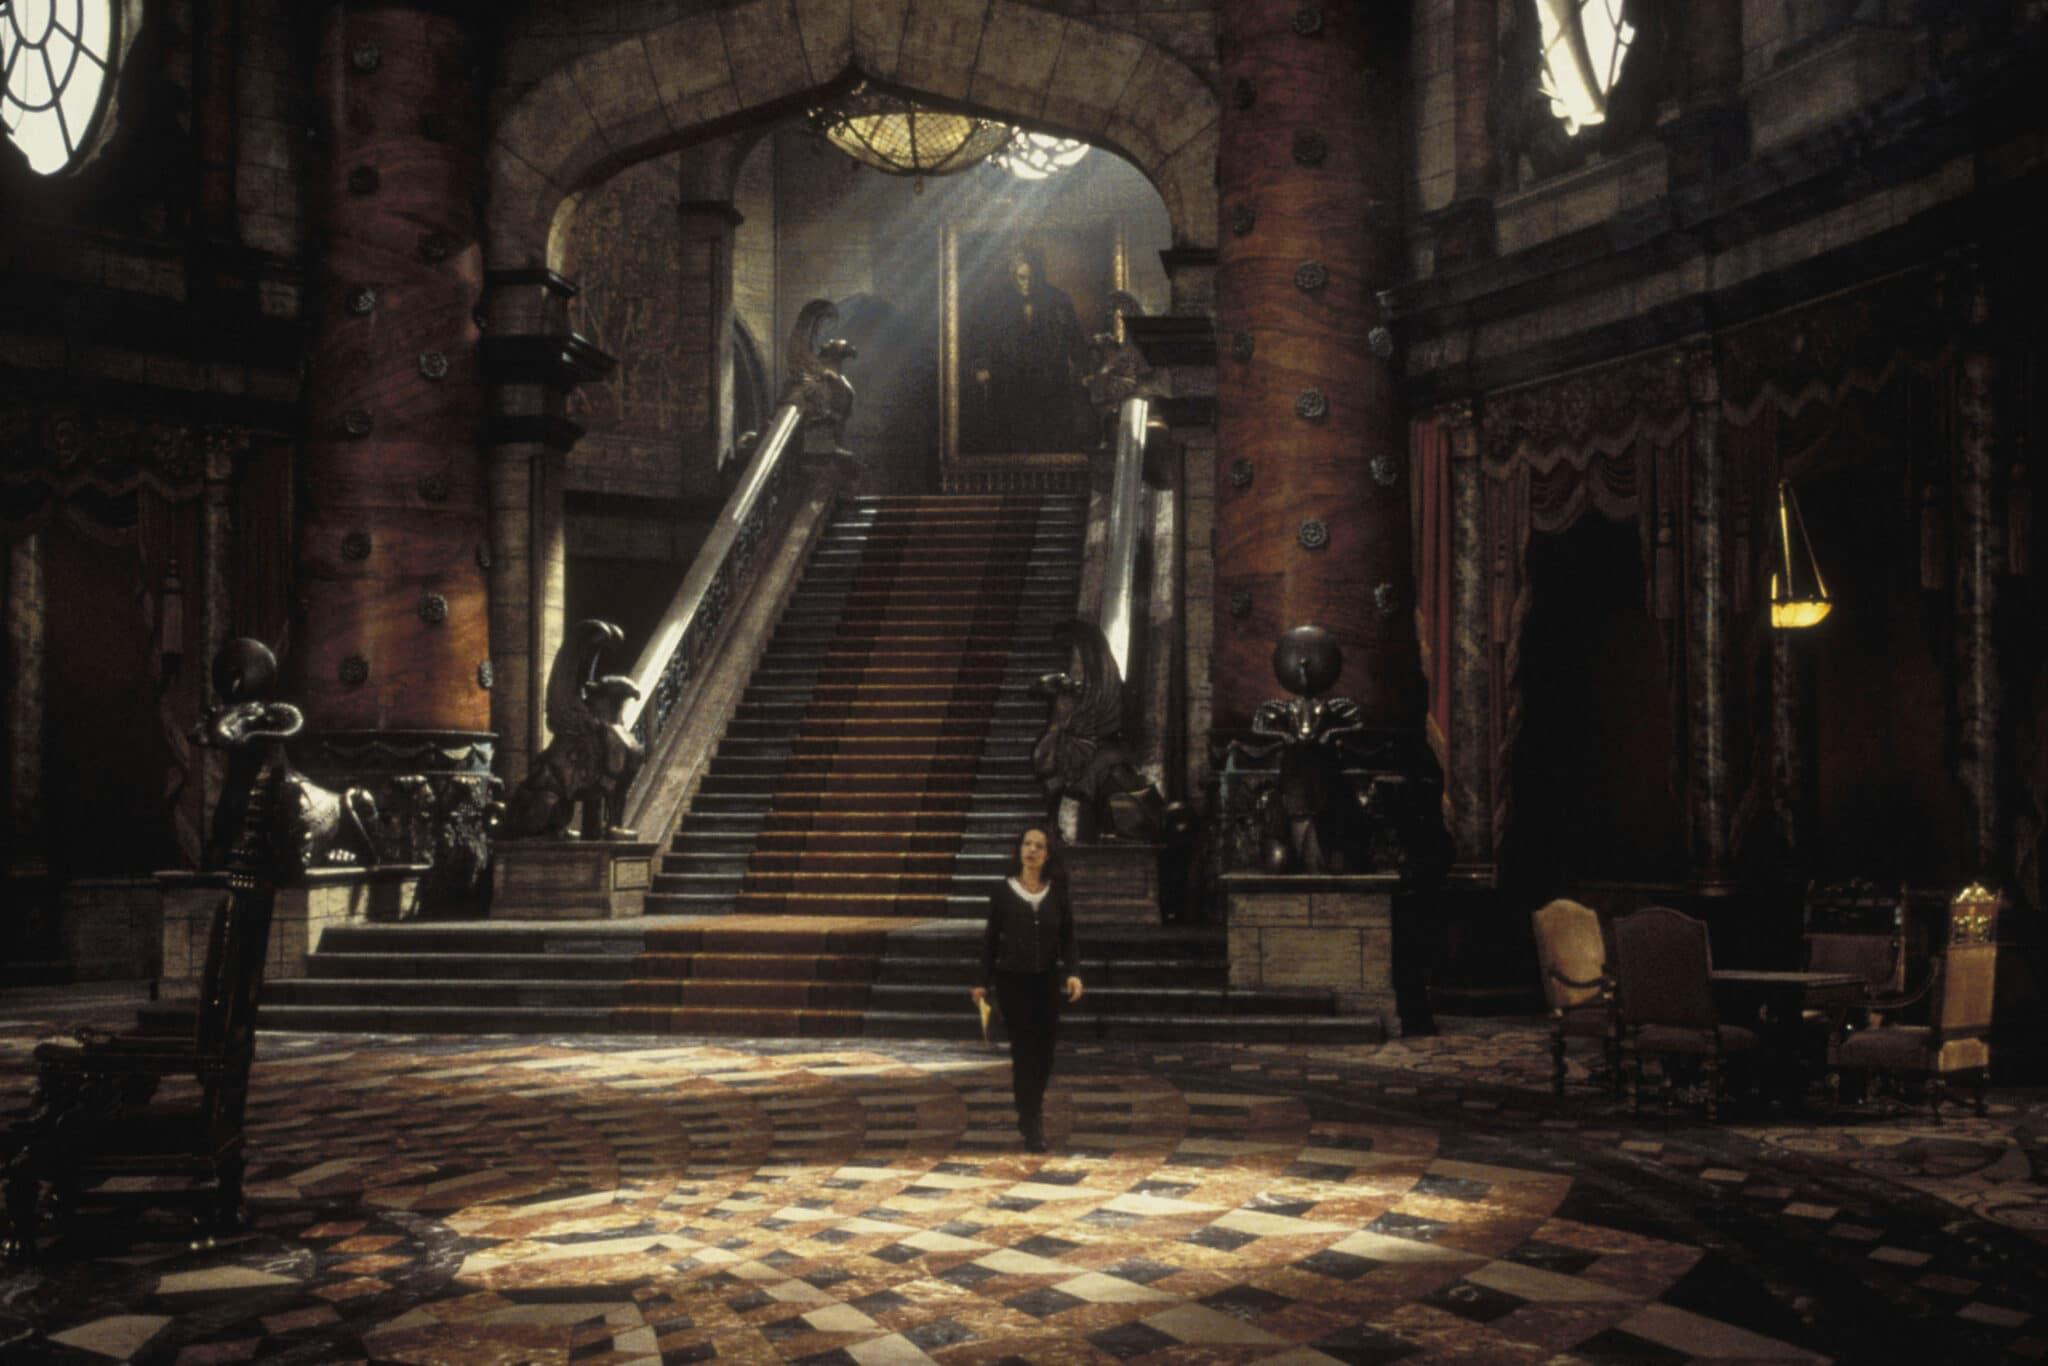 In Das Geisterschloss läuft Lili Taylor durch die riesige Eingangshalle. Überall sind schwere Teppiche, Holzornamente und Figuren zu sehen, die dem ganzen Saal ein edles Erscheinungsbild verleihen.